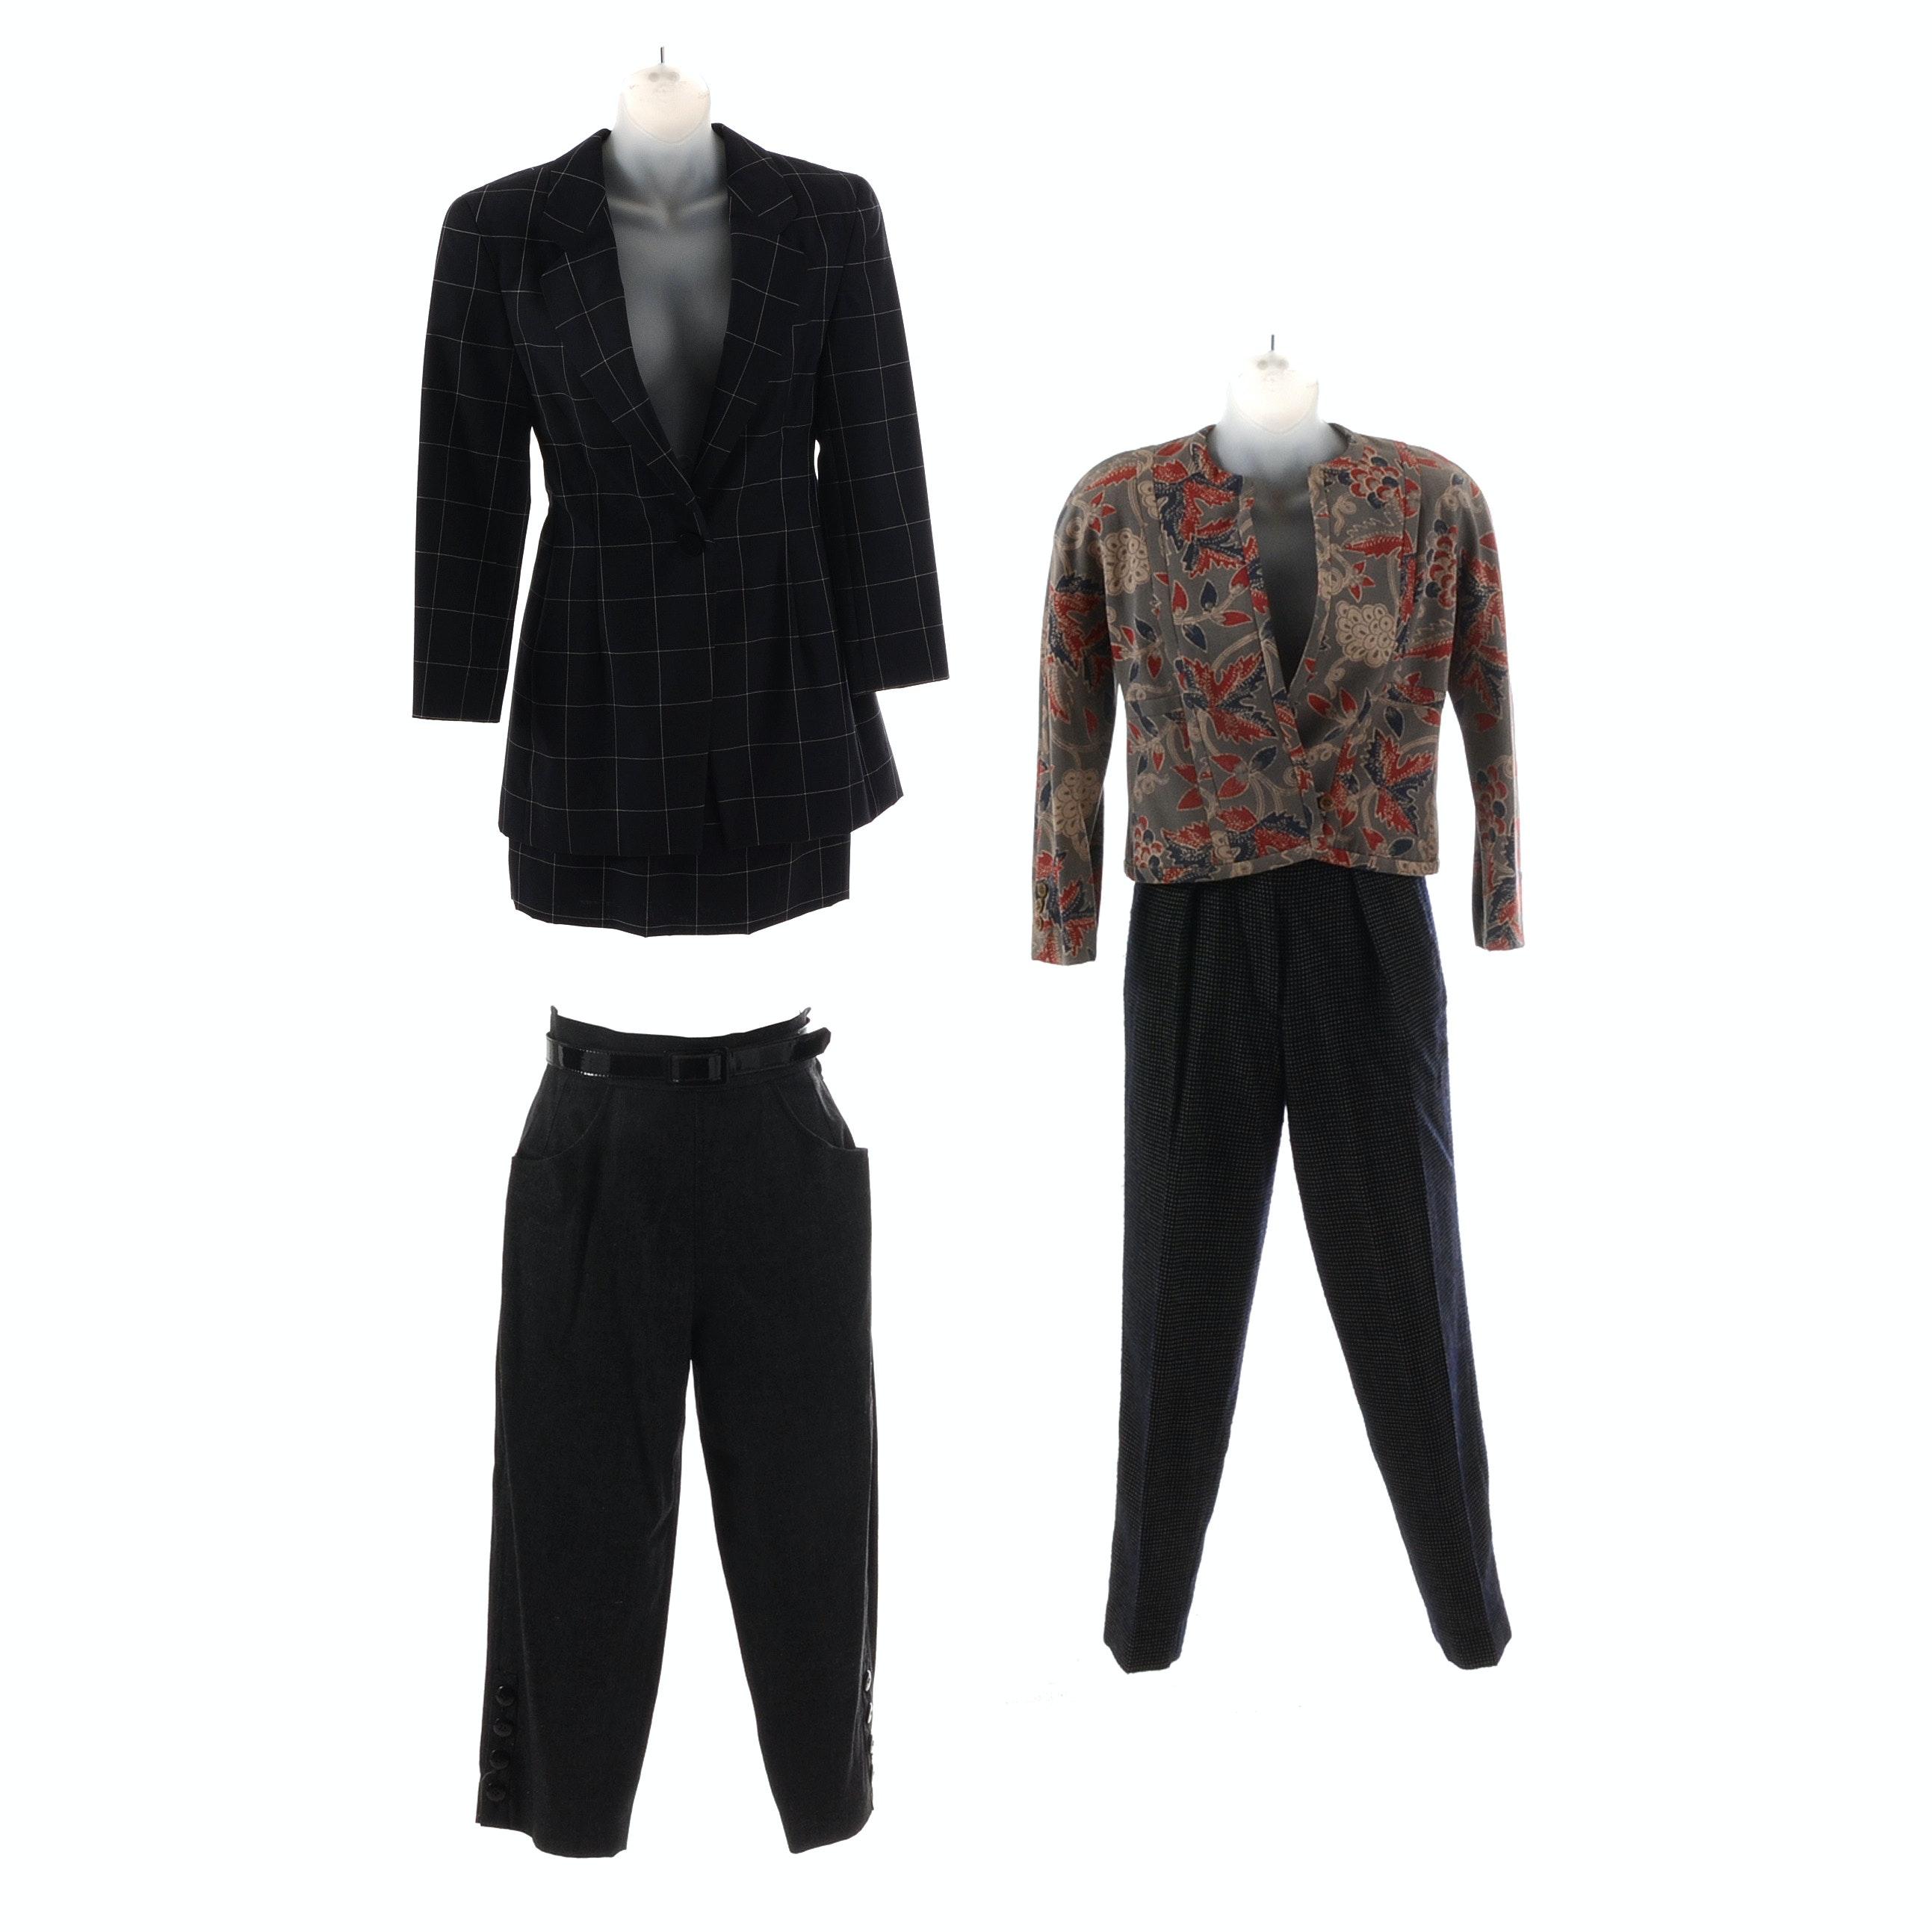 Pair of Georgio Armani Suits